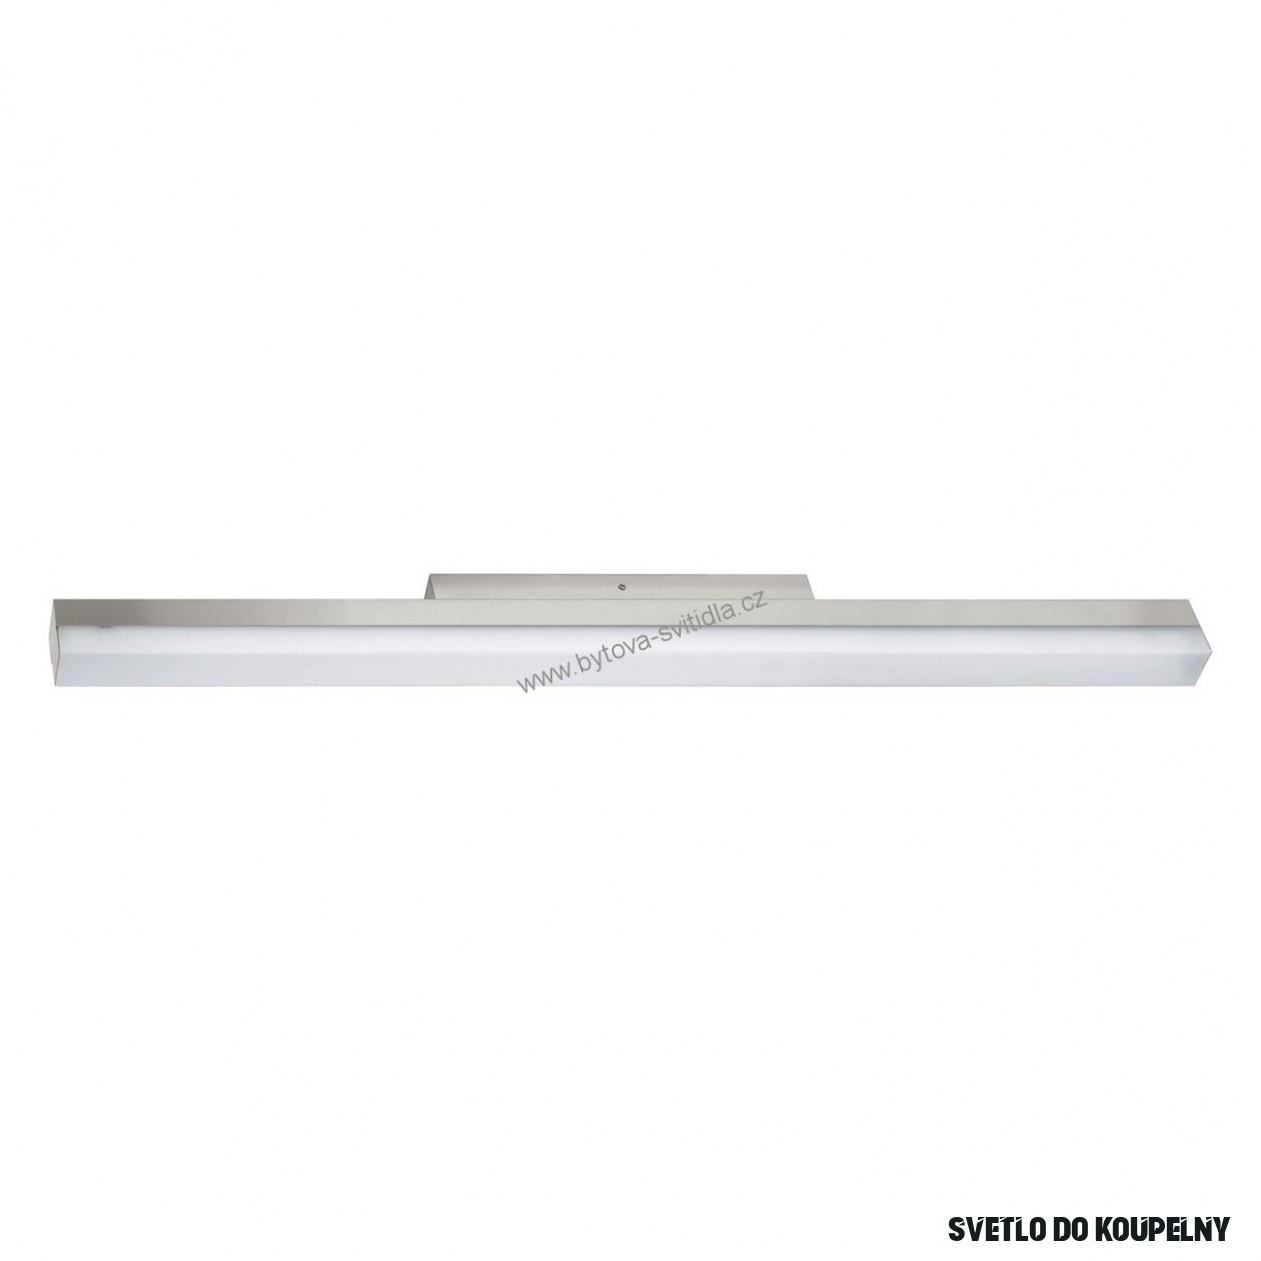 Eglo 16 TORRETTA - LED světlo do koupelny k zrcadlu IP16, 16cm